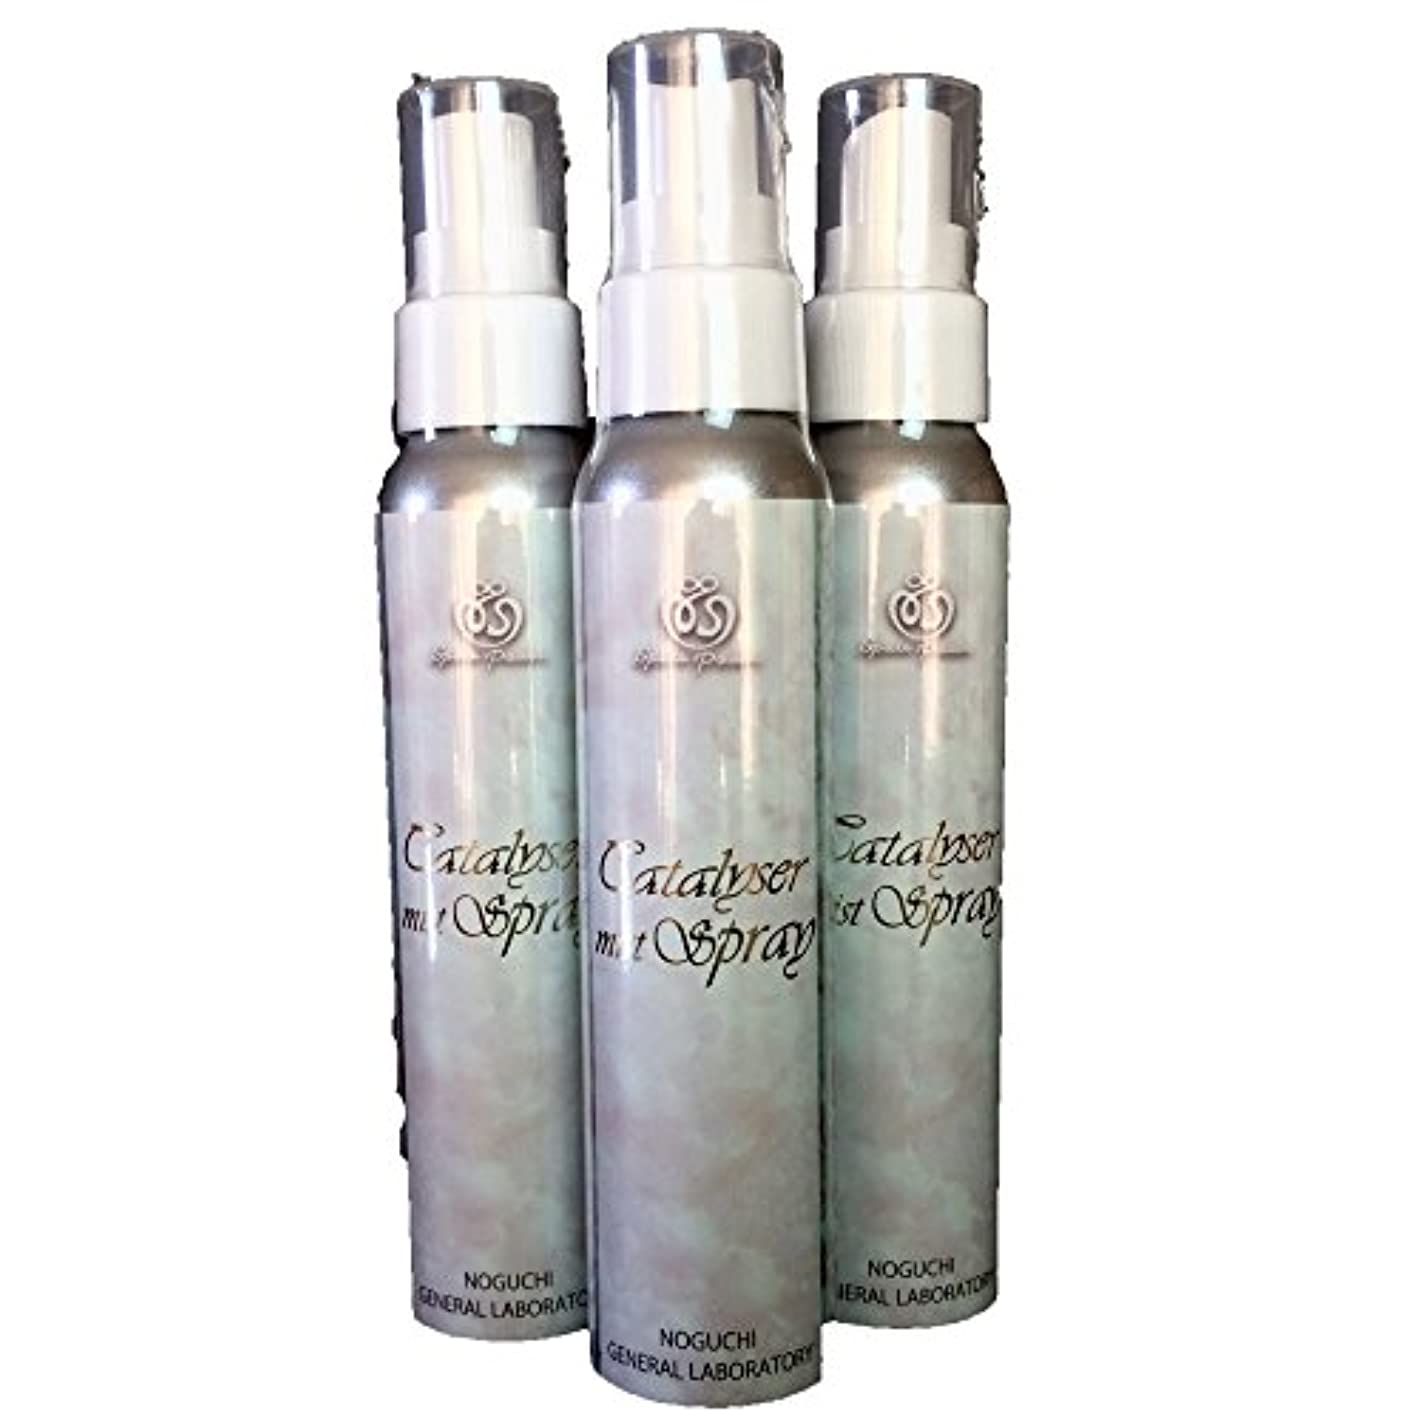 規制補うハイライトカタライザーミストスプレー(ミスト化粧水)3本セット